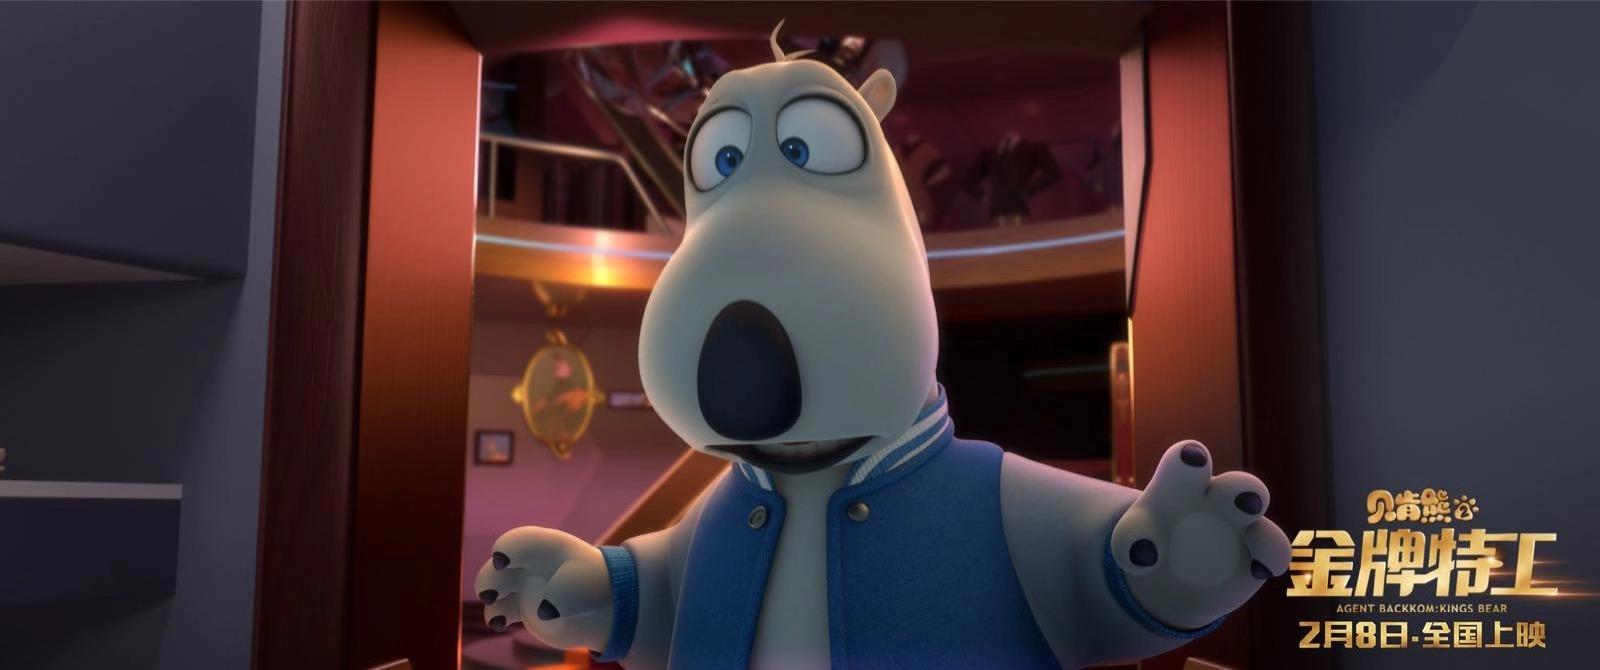 《贝肯熊2:金牌特工》发拜年海报恭贺新禧 熊抱好运财满福满人团圆